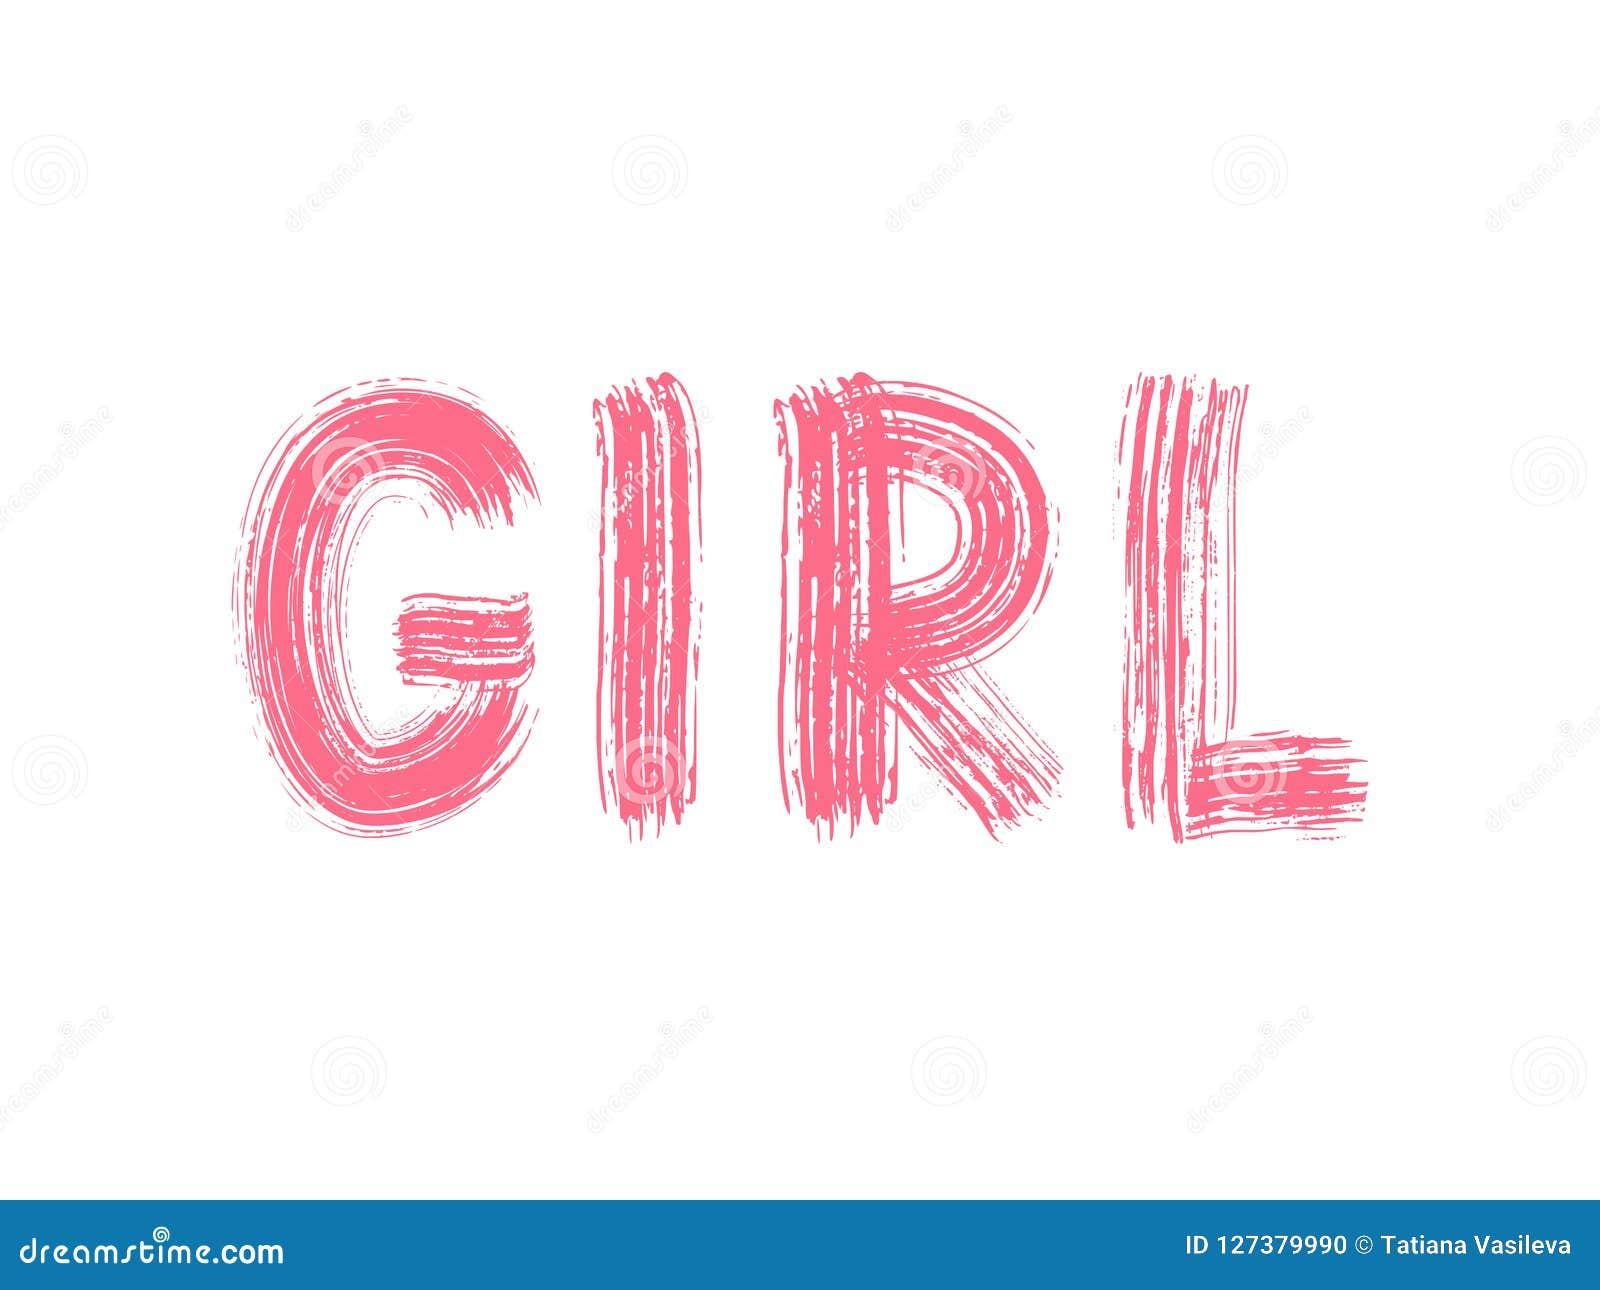 Фото девушек в зеркало фигуры